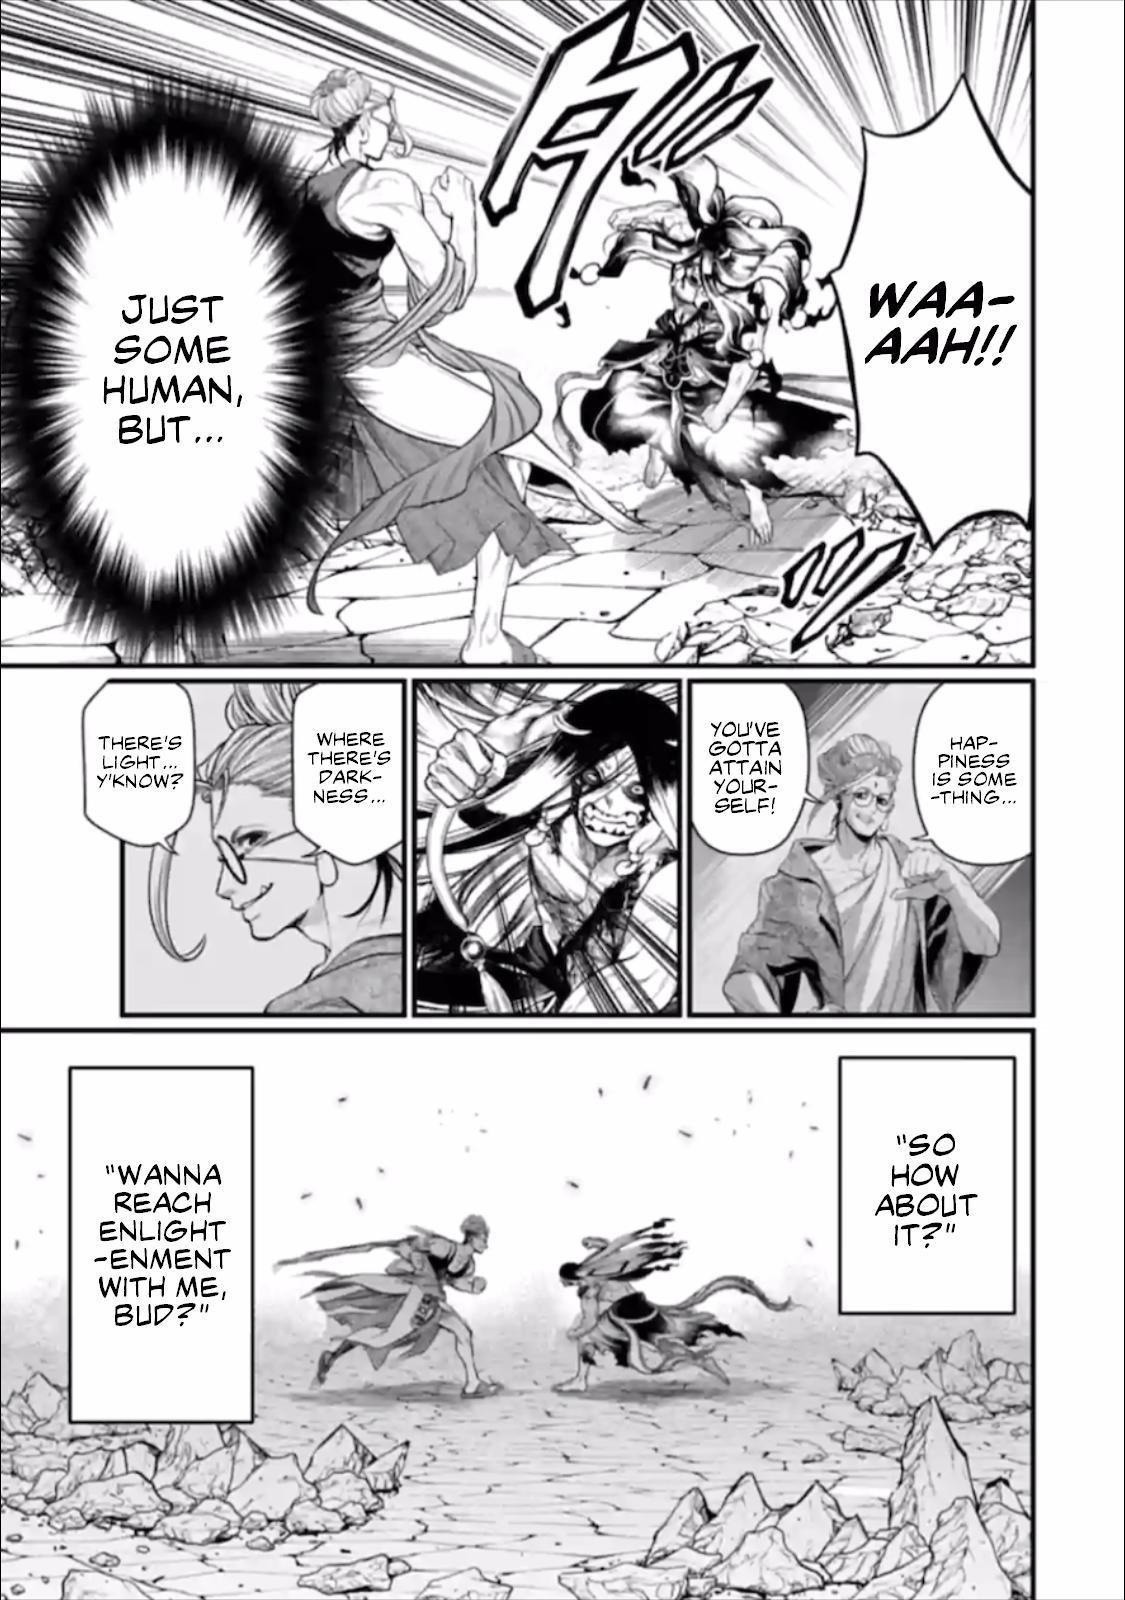 Shuumatsu no Valkyrie, Chapter 48 image 0048-034